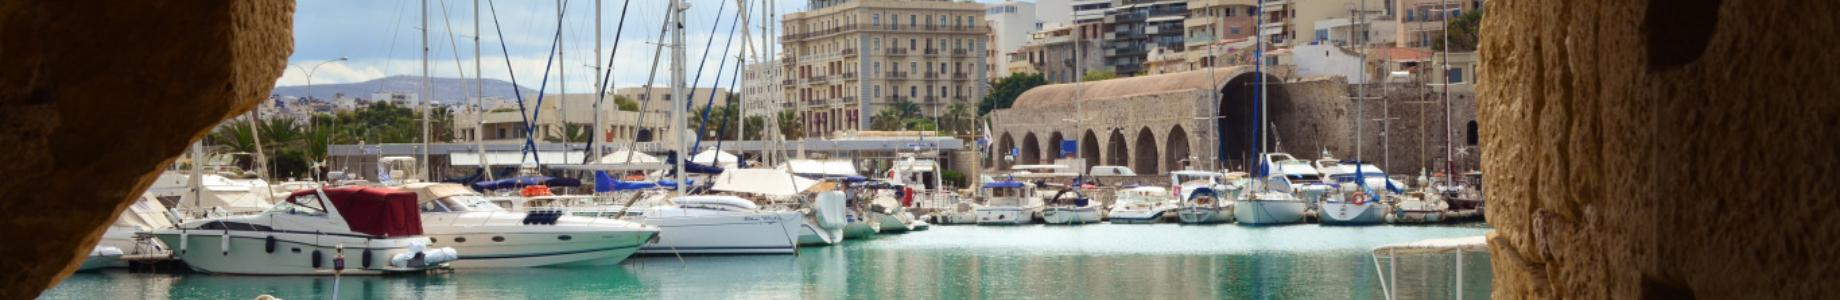 Яхтинг в Греции, какой он? Осваивать необитаемые острова, открывать безлюдные пляжи и наслаждаться уникальной природой